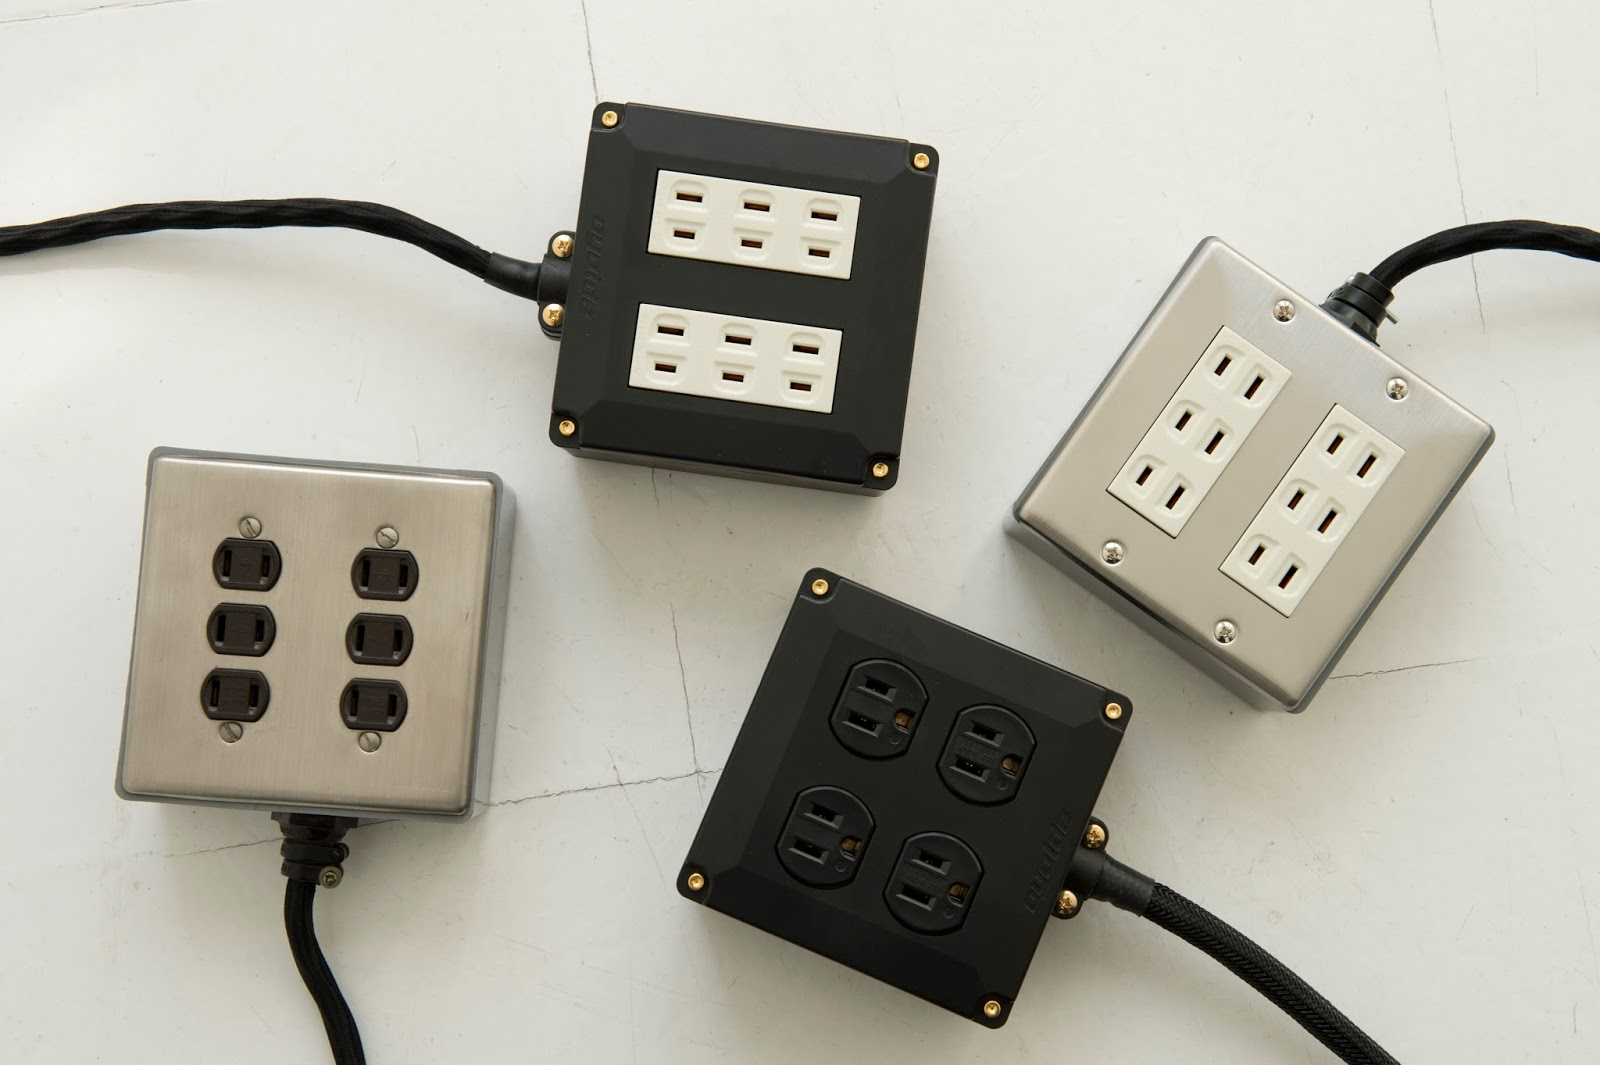 オヤイデ電気ショップブログ: オヤイデの電源タップ「OCB-1シリーズ ...